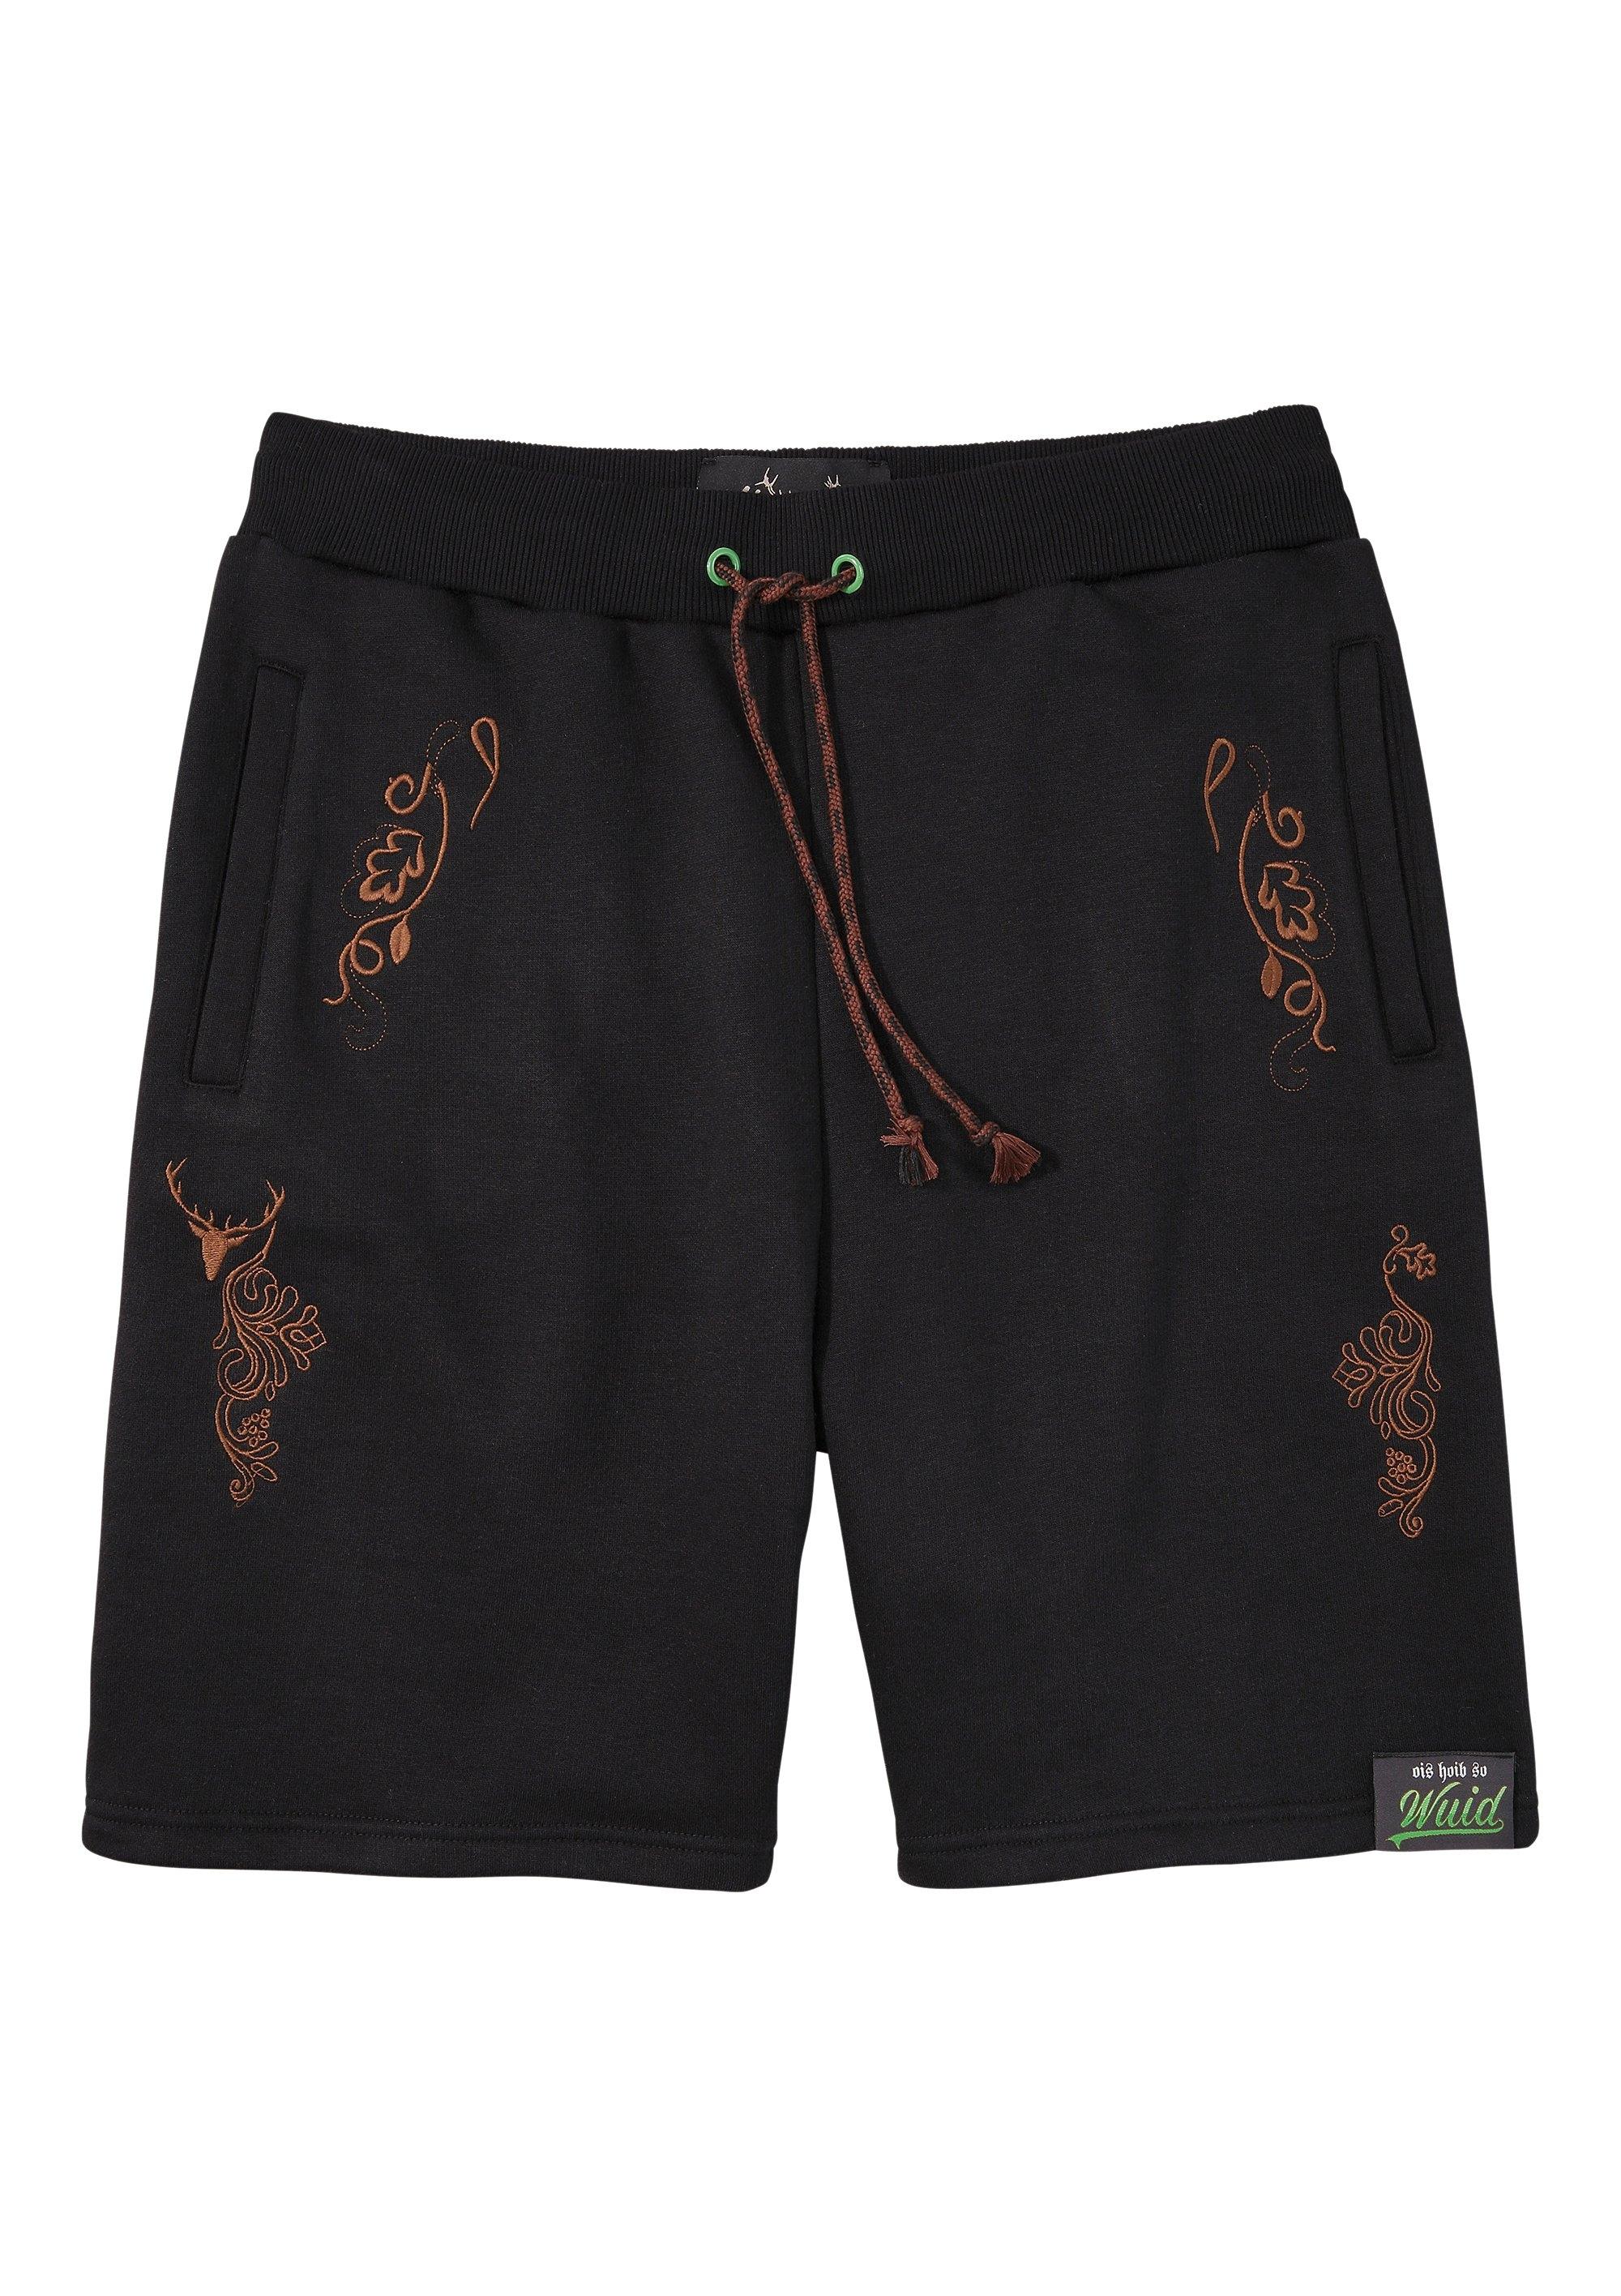 Hangowear folklore-sweatbermuda heren met borduurelementen - verschillende betaalmethodes